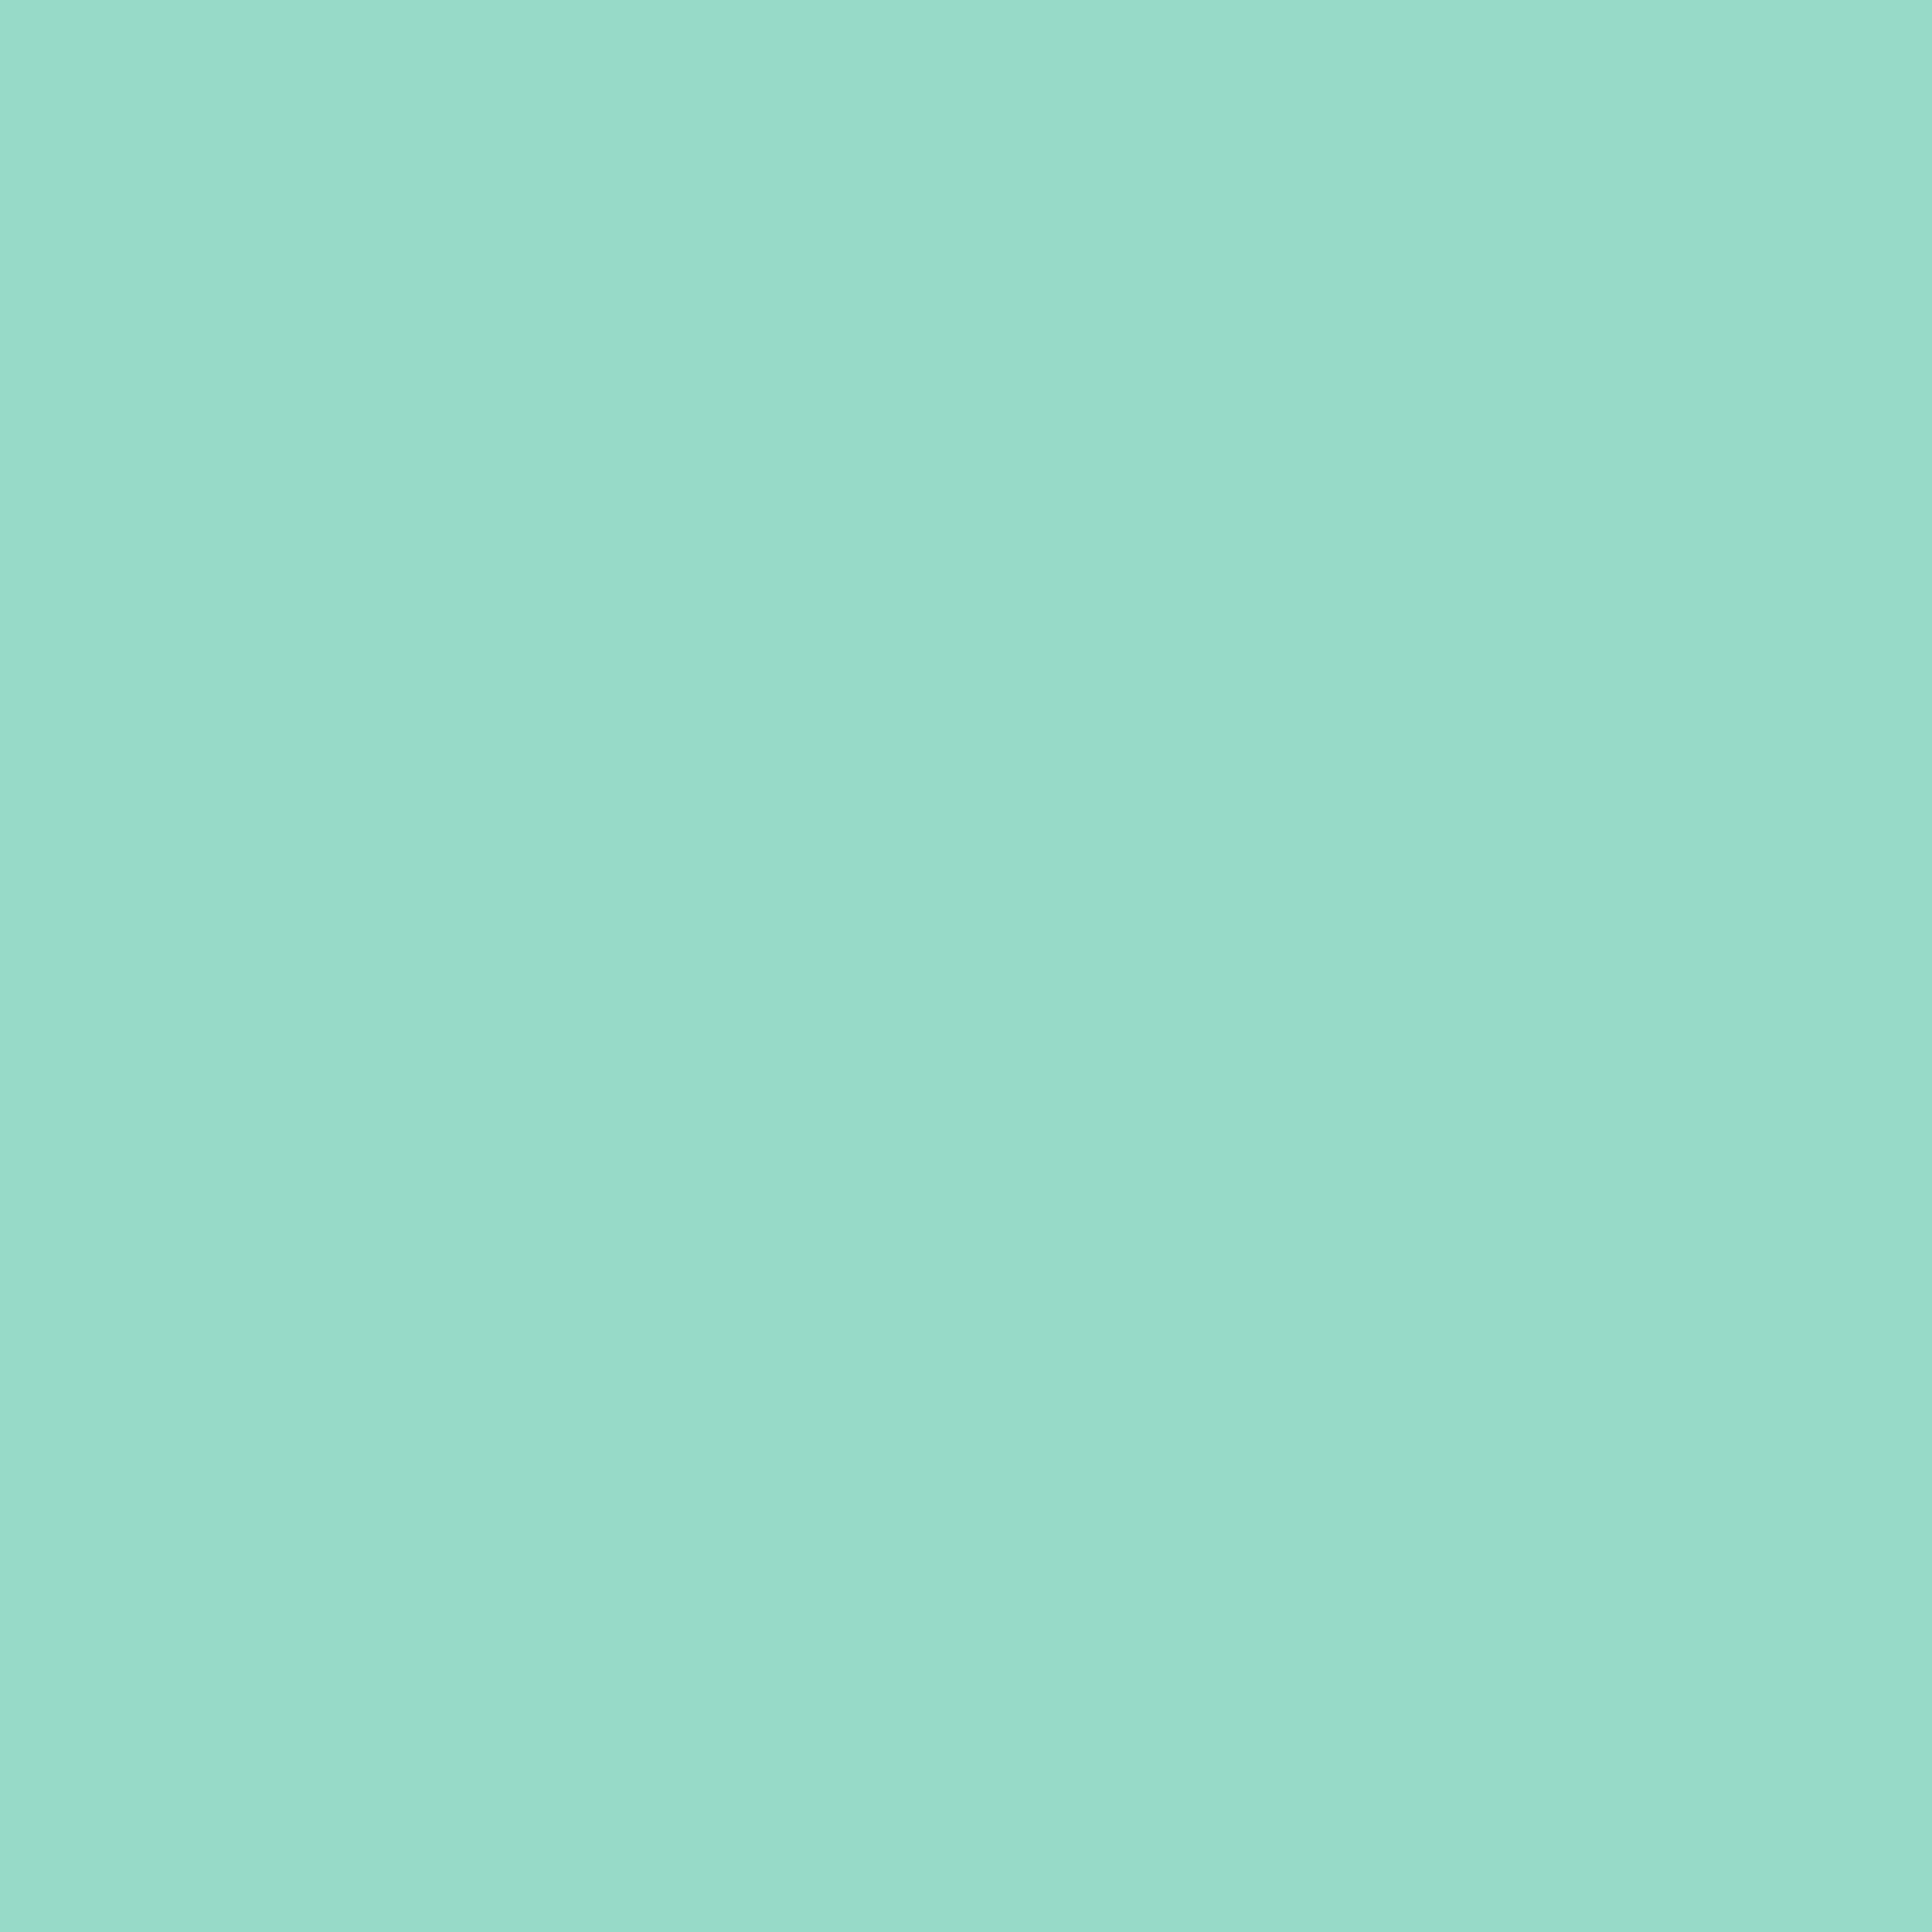 K28.2.1 Aquamarine